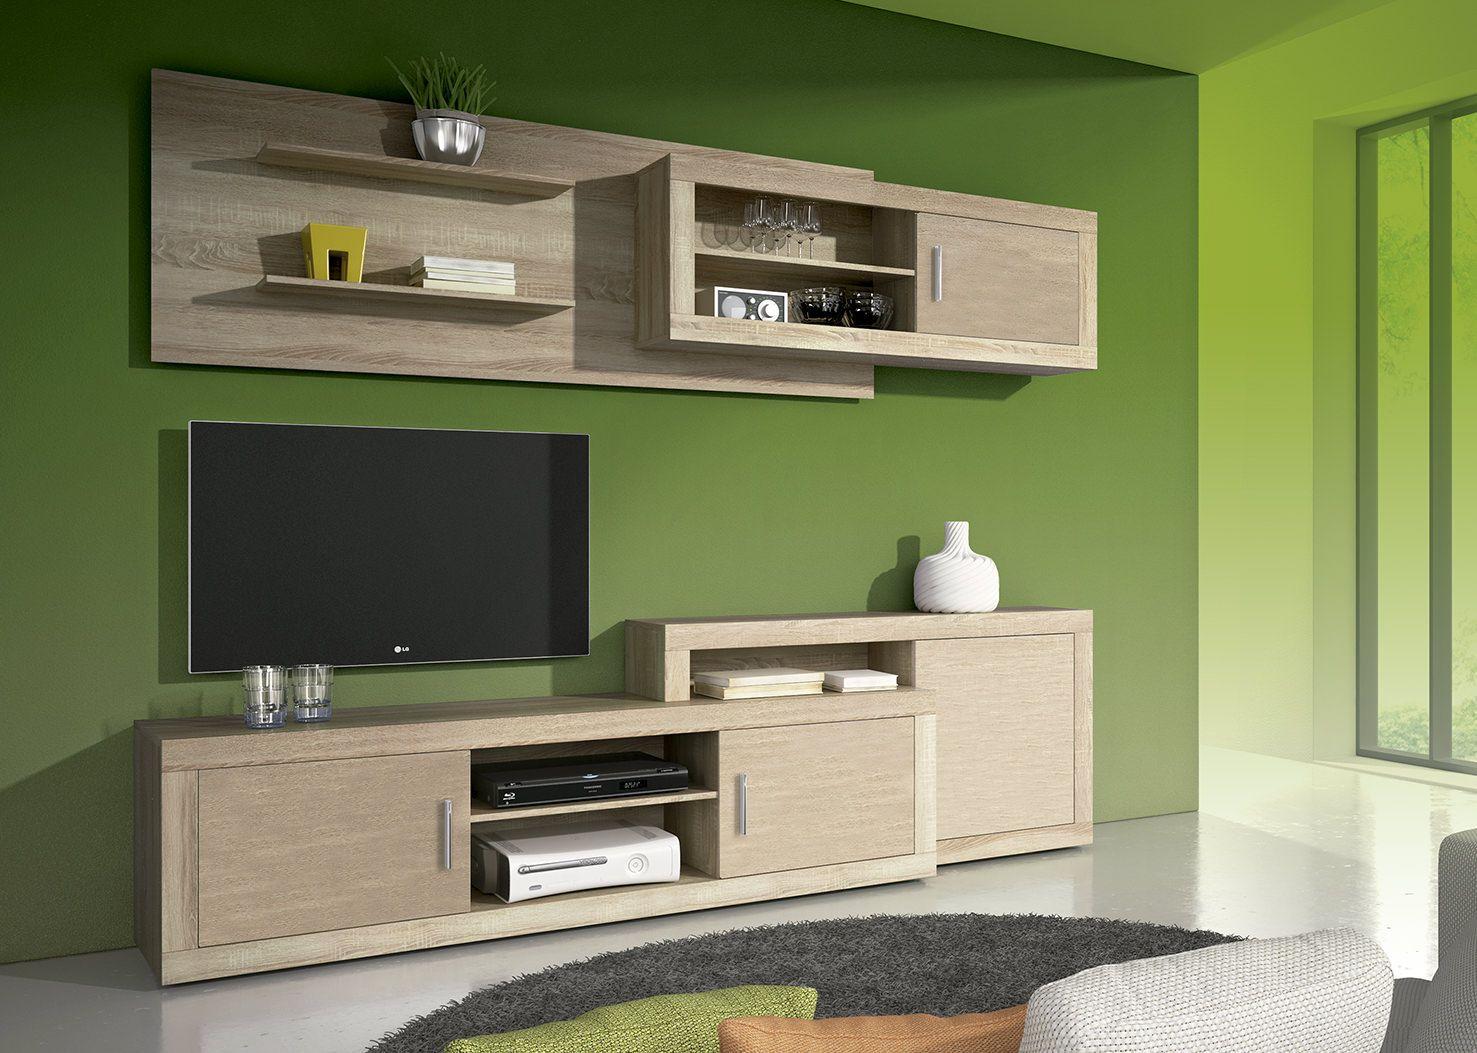 Muebles de yeso en la sala de estar modernos y lujosos for Muebles modernos para sala